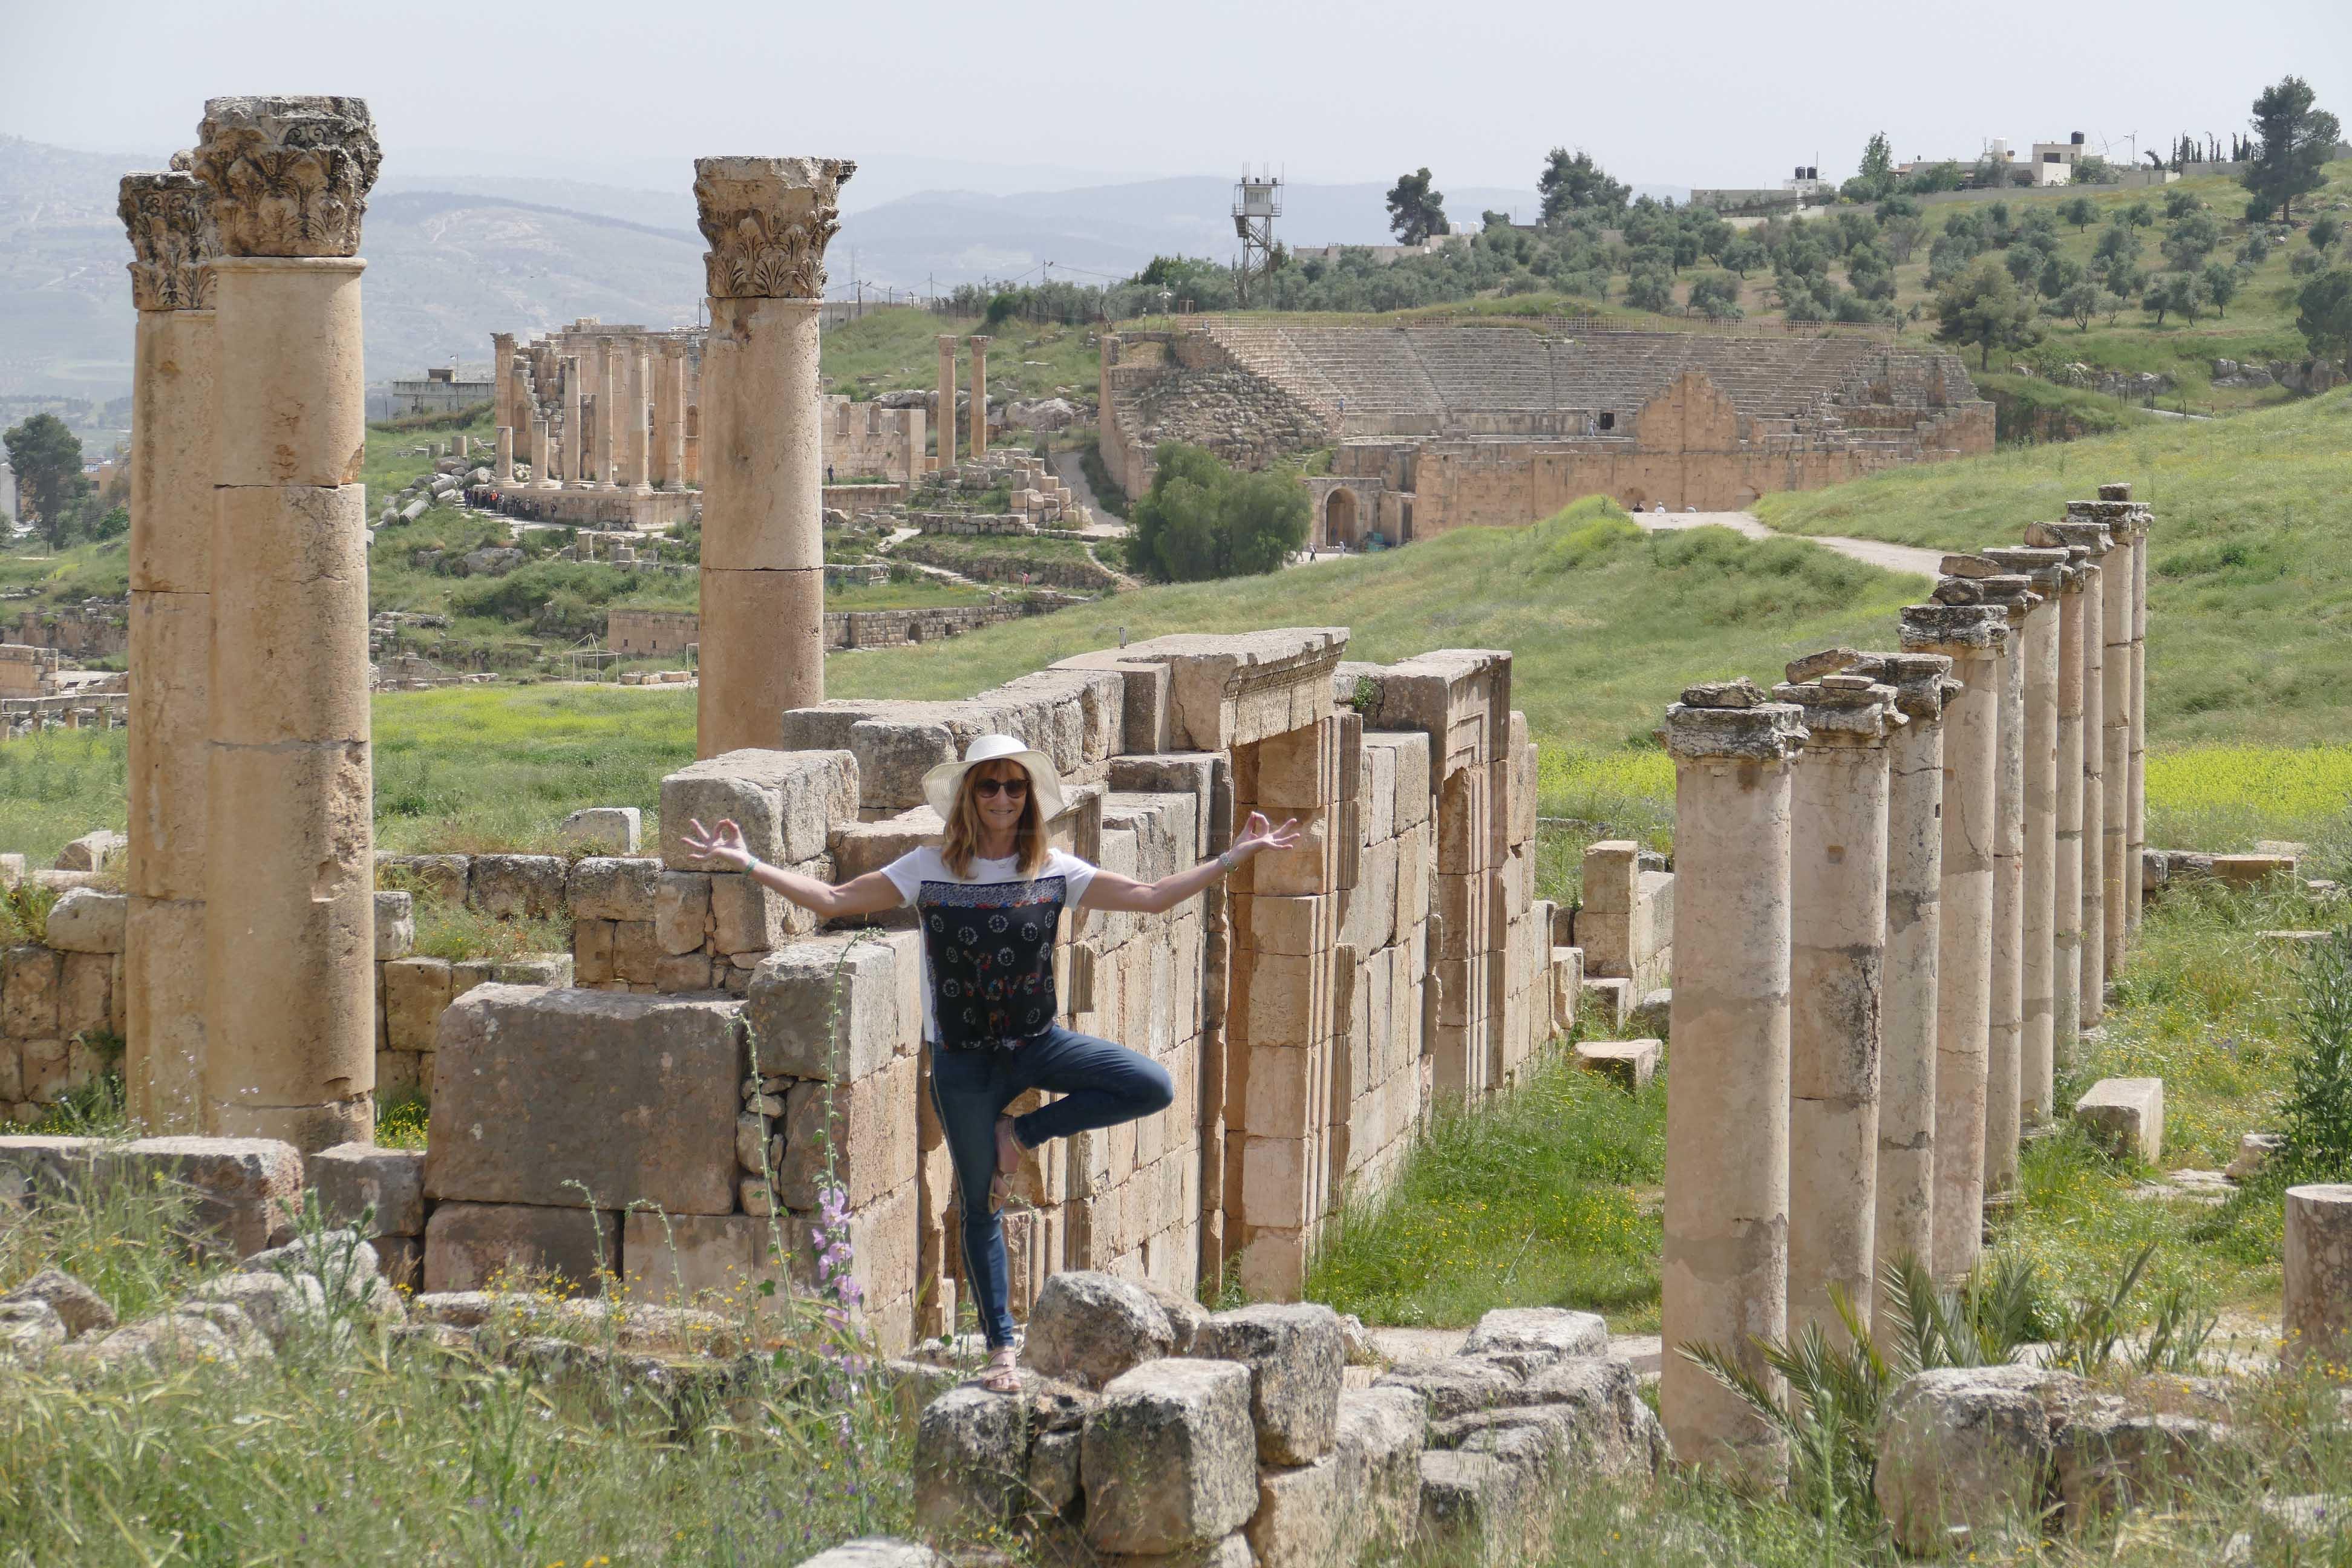 Une semaine en Jordanie: Amman, Jerash et la Route des Rois